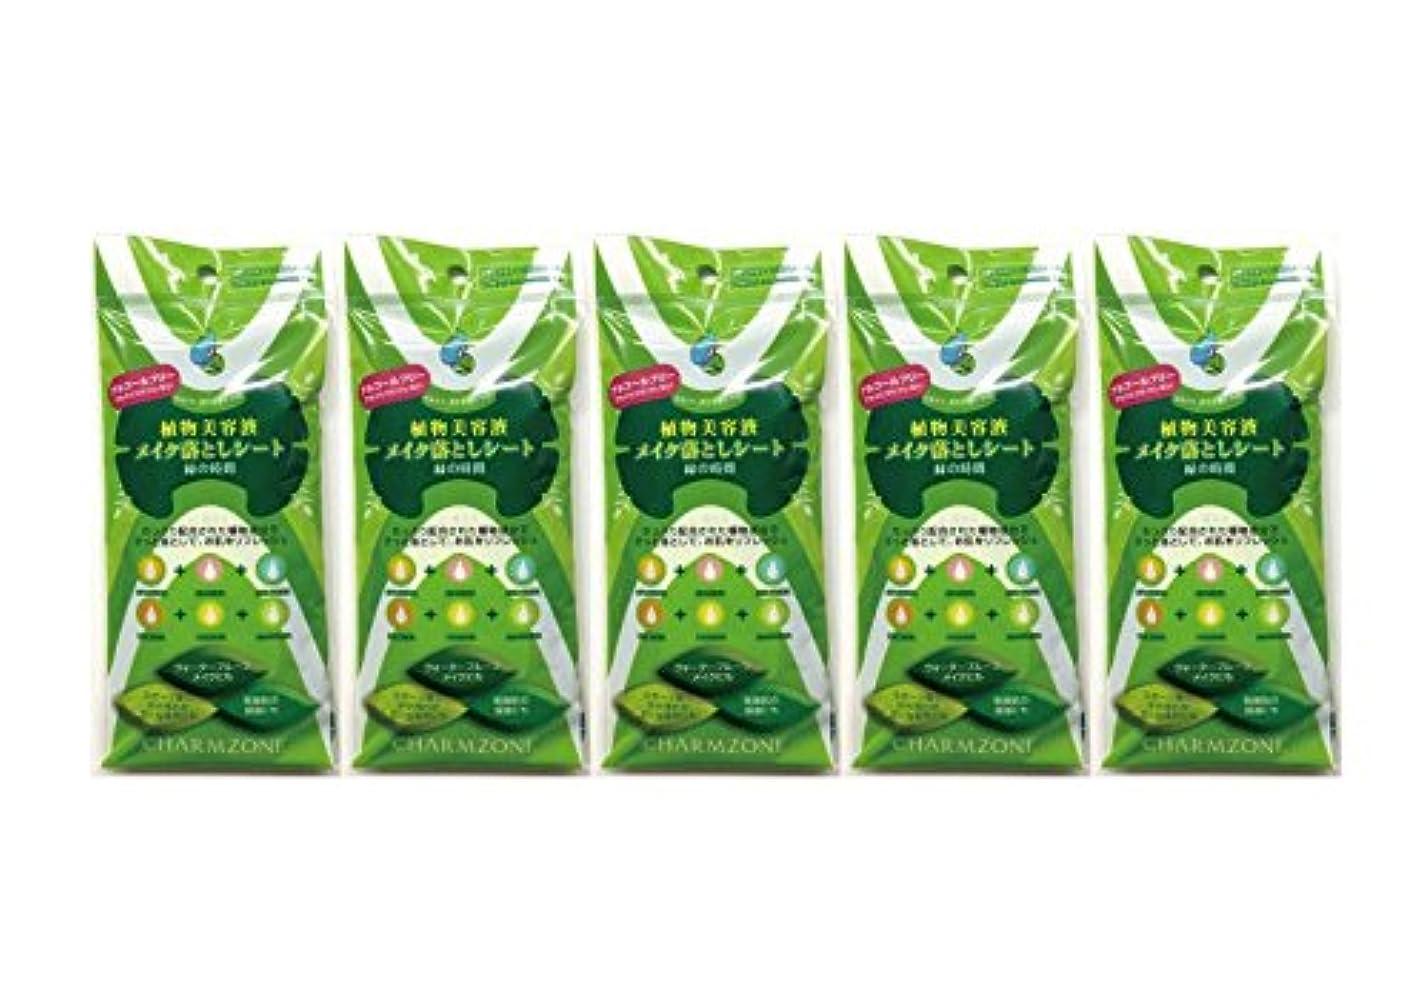 クスクスごちそう約束する植物美容液 メイク落としシート 緑の時間 5ヶセット